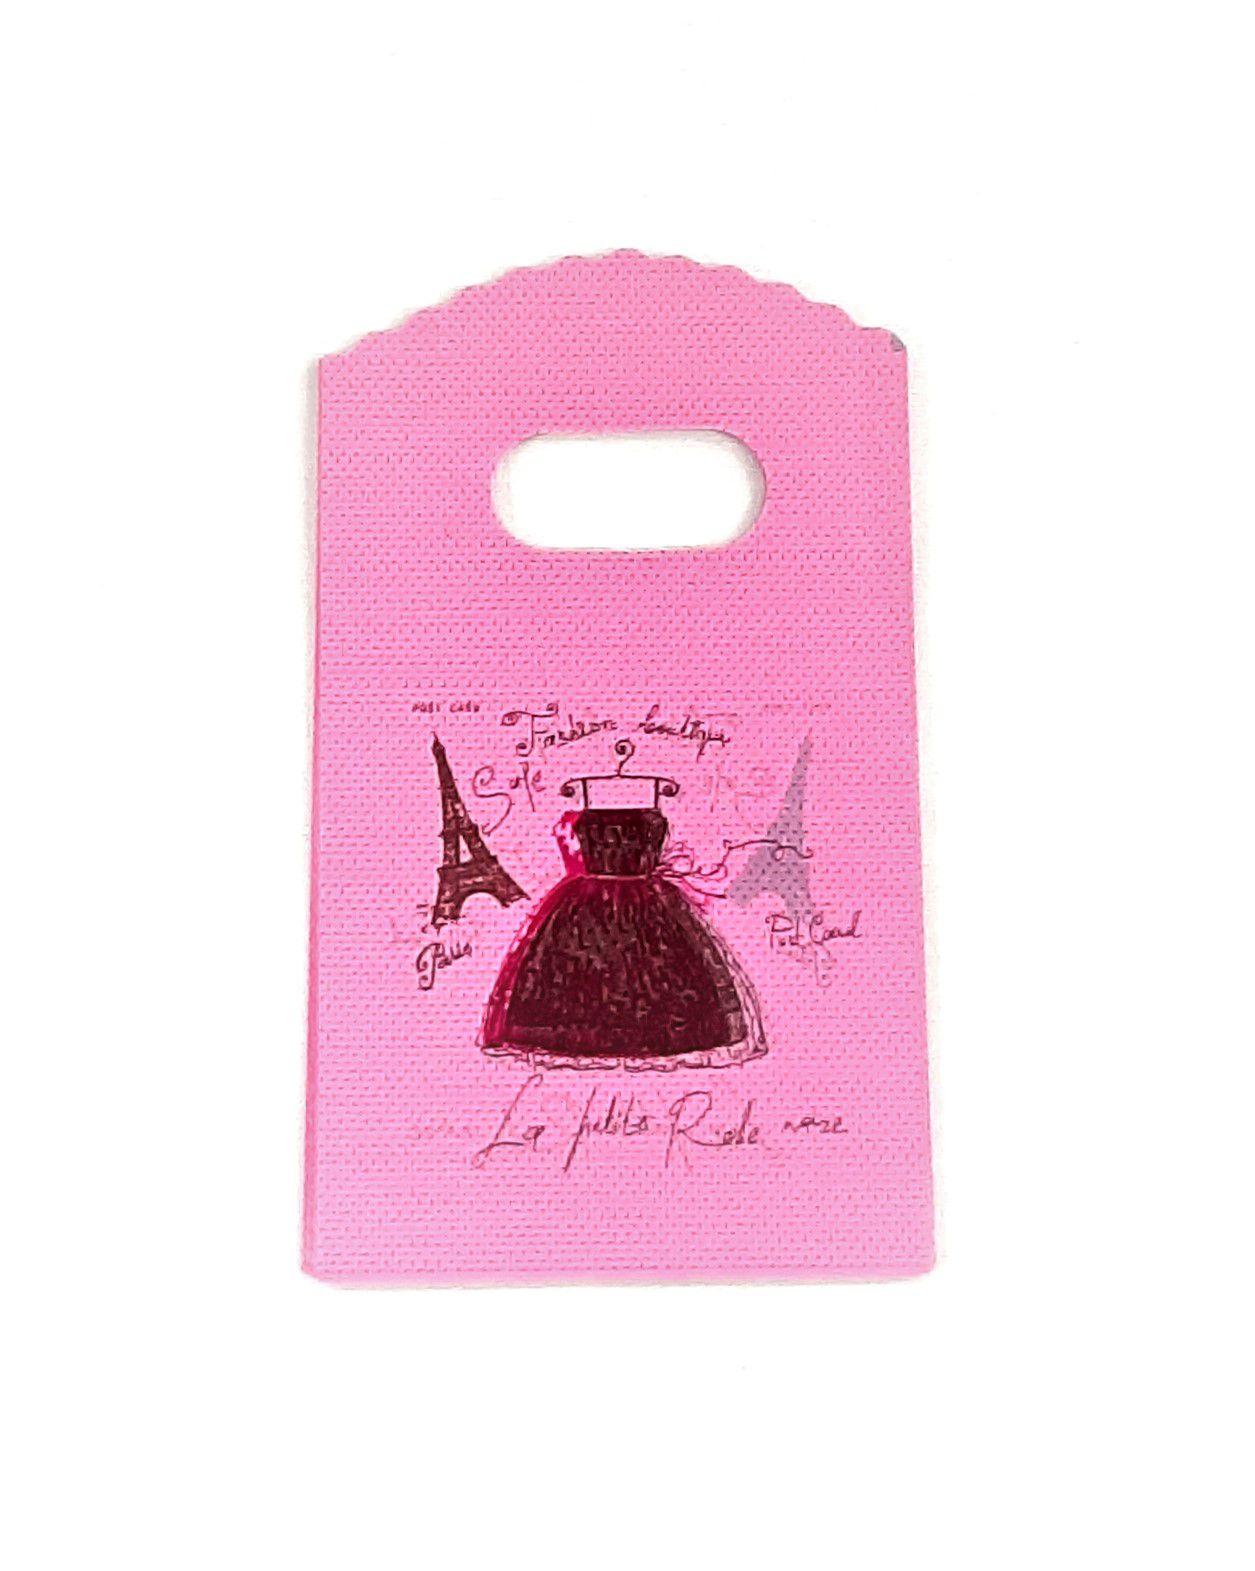 Sacola Plástica ( Rosa - vestido   ) 9x15 pacote com 100 unidades